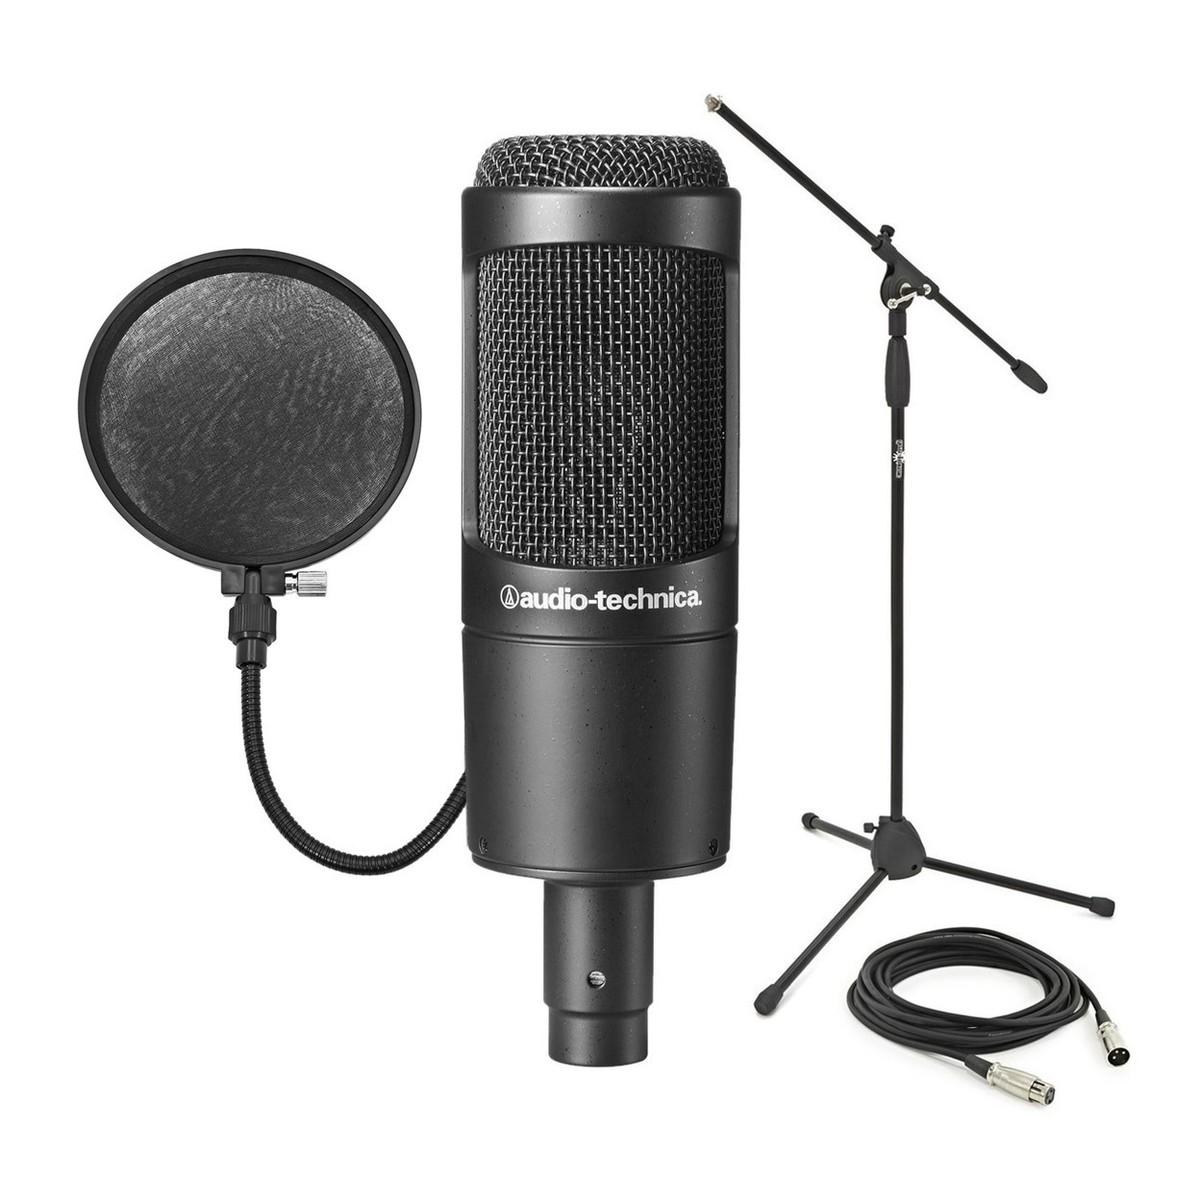 Audio Technica AT2035 Kondensatormikrofon | Gear4music